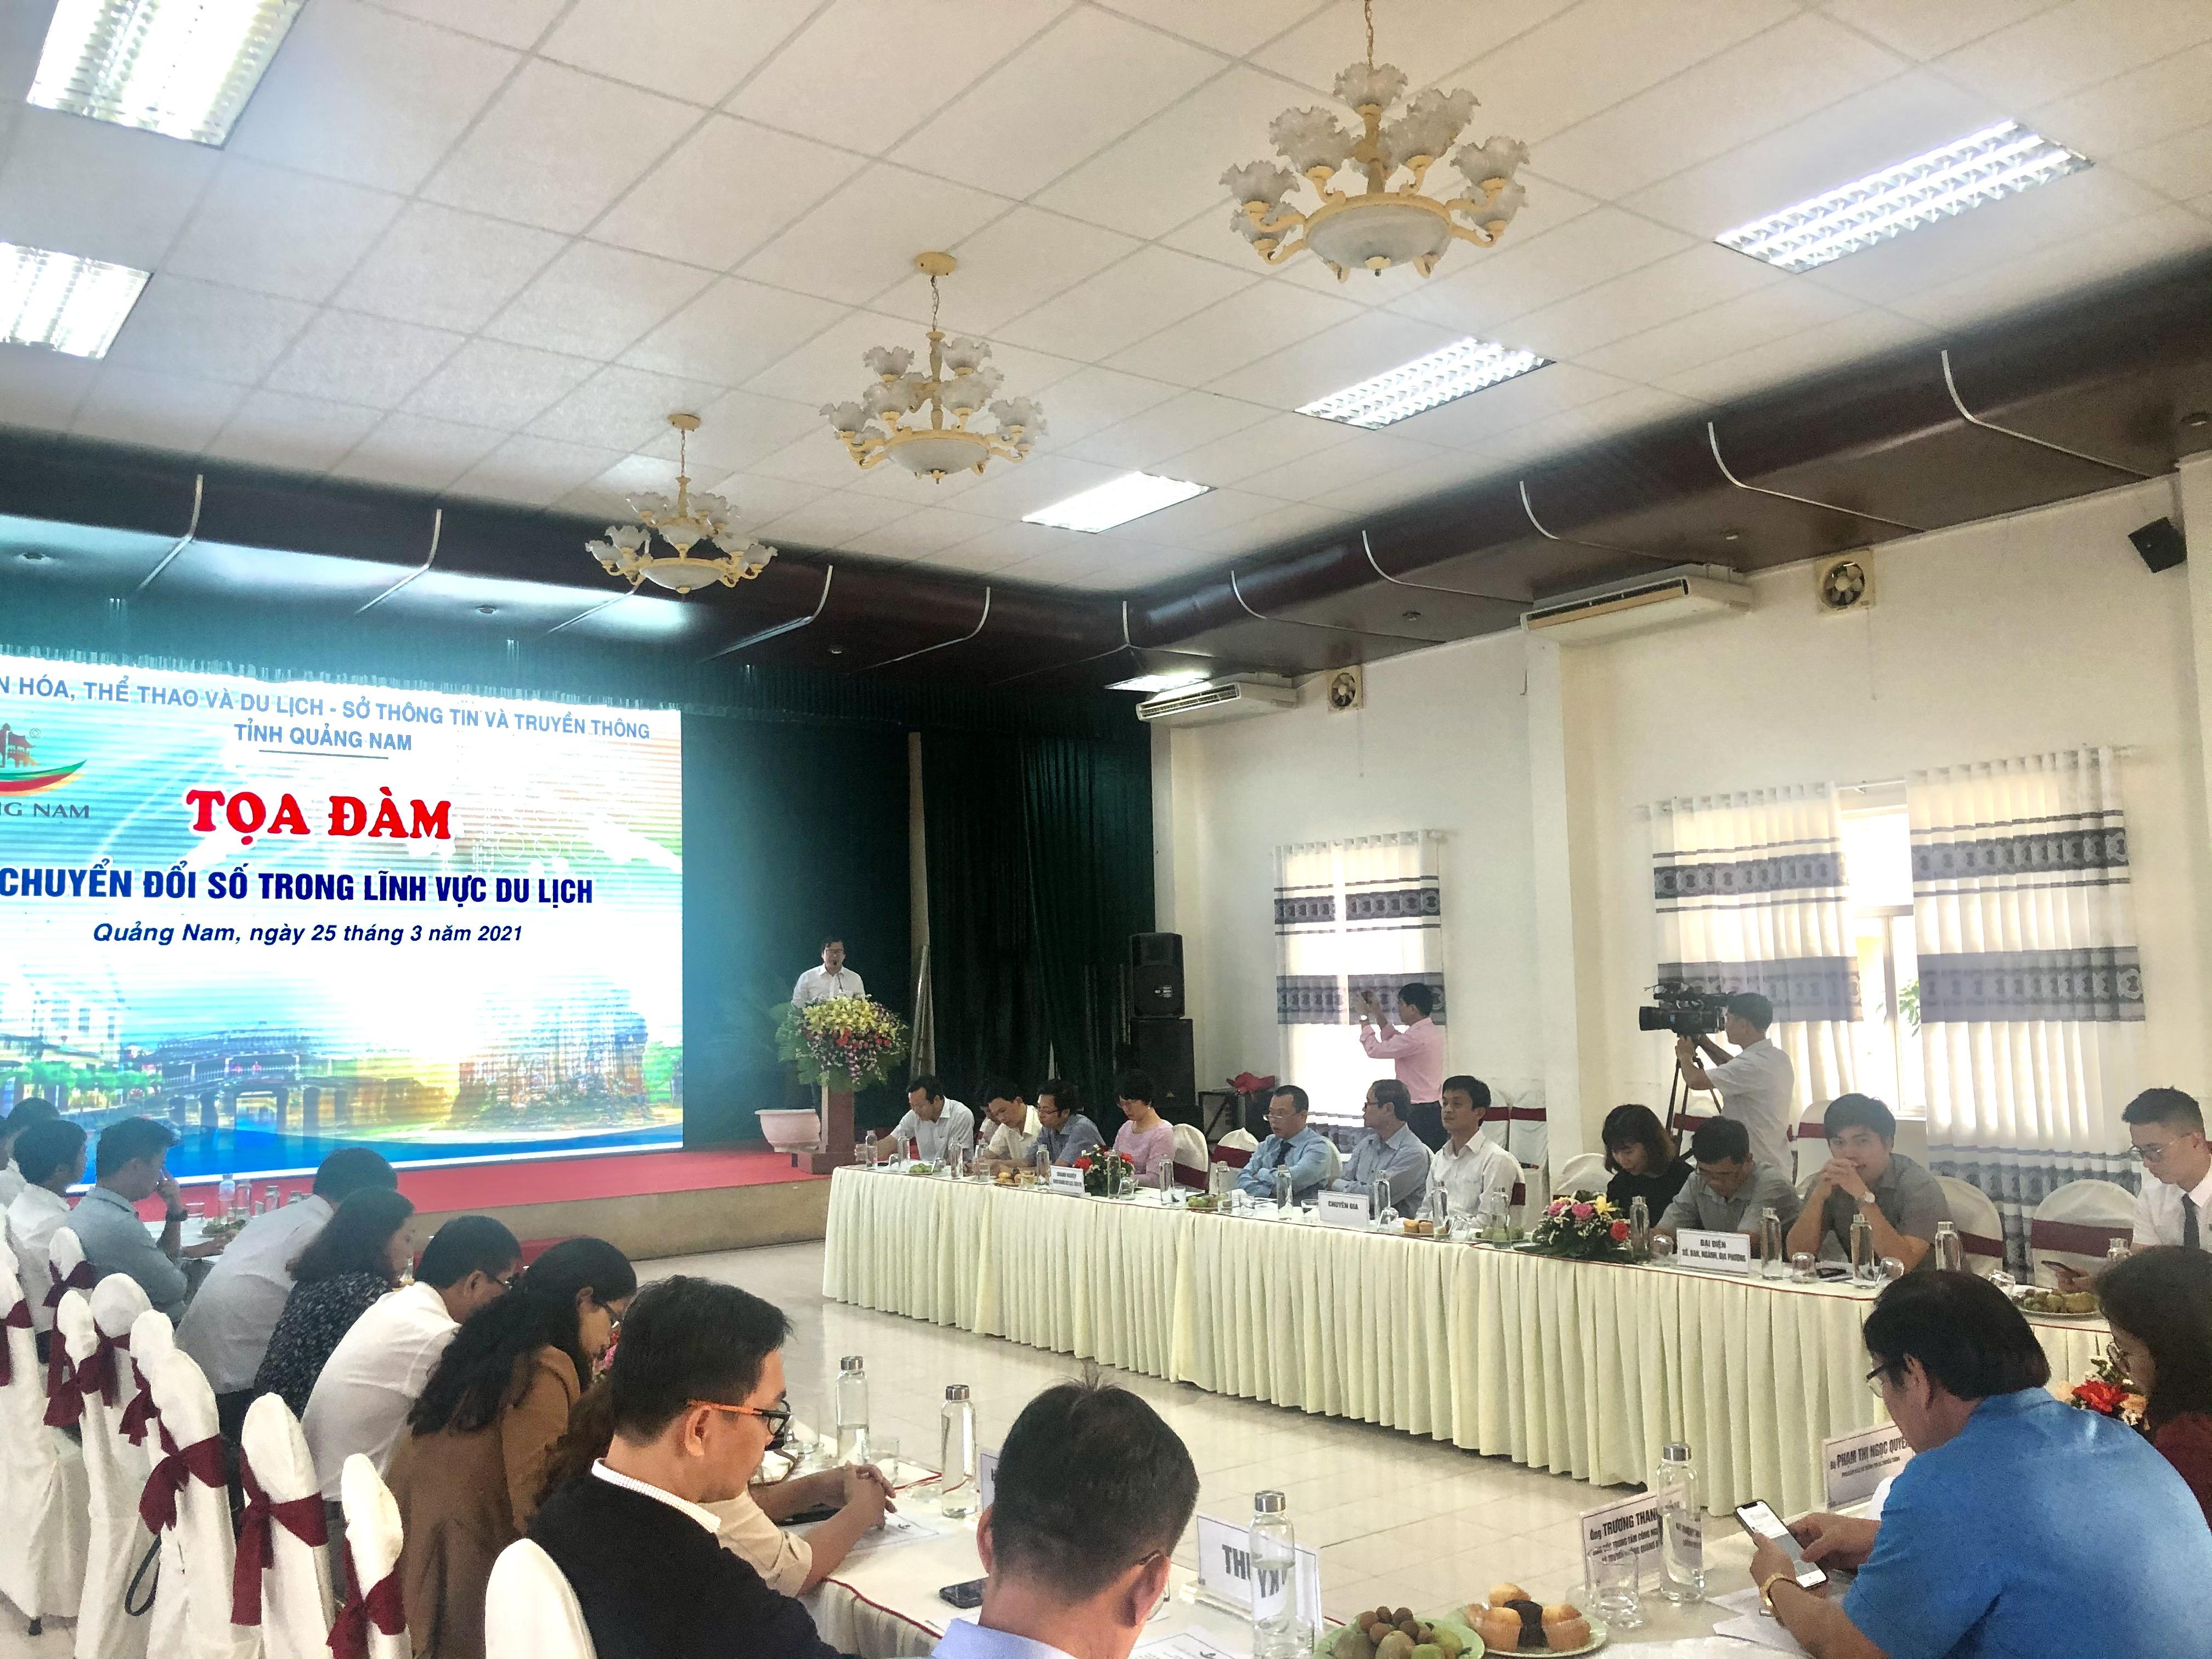 Quảng Nam: Tọa đàm Chuyển đổi số trong lĩnh vực du lịch